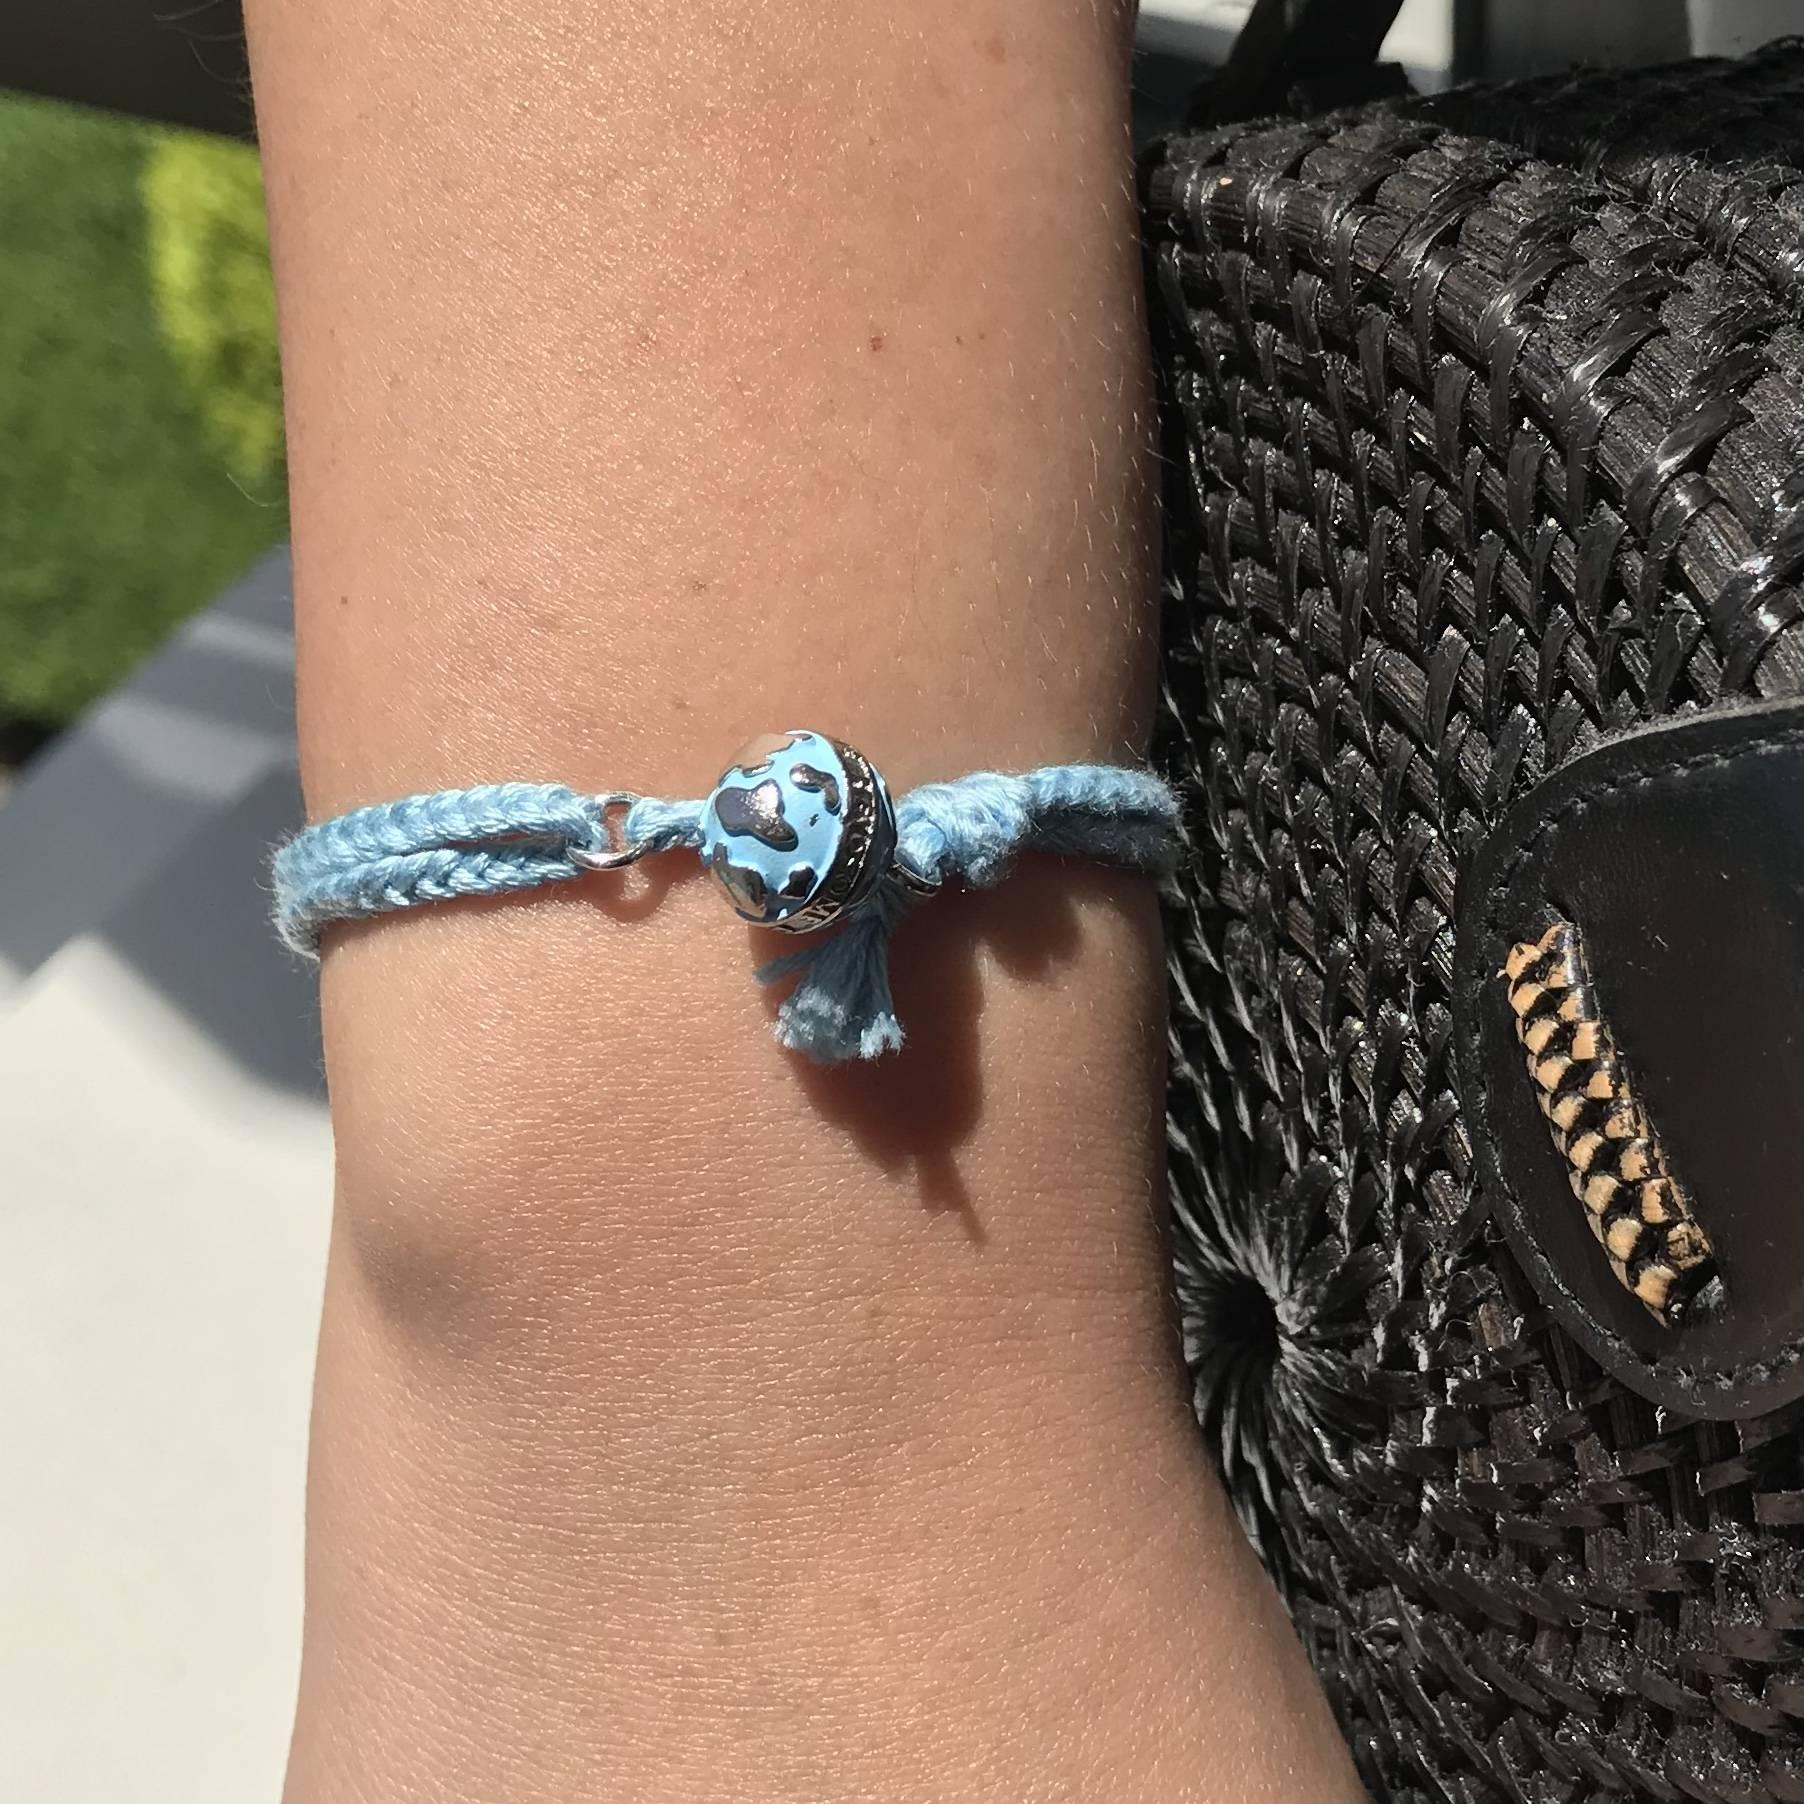 water, water bracelet, bracelet that change lives, bracelet provide water, water.org